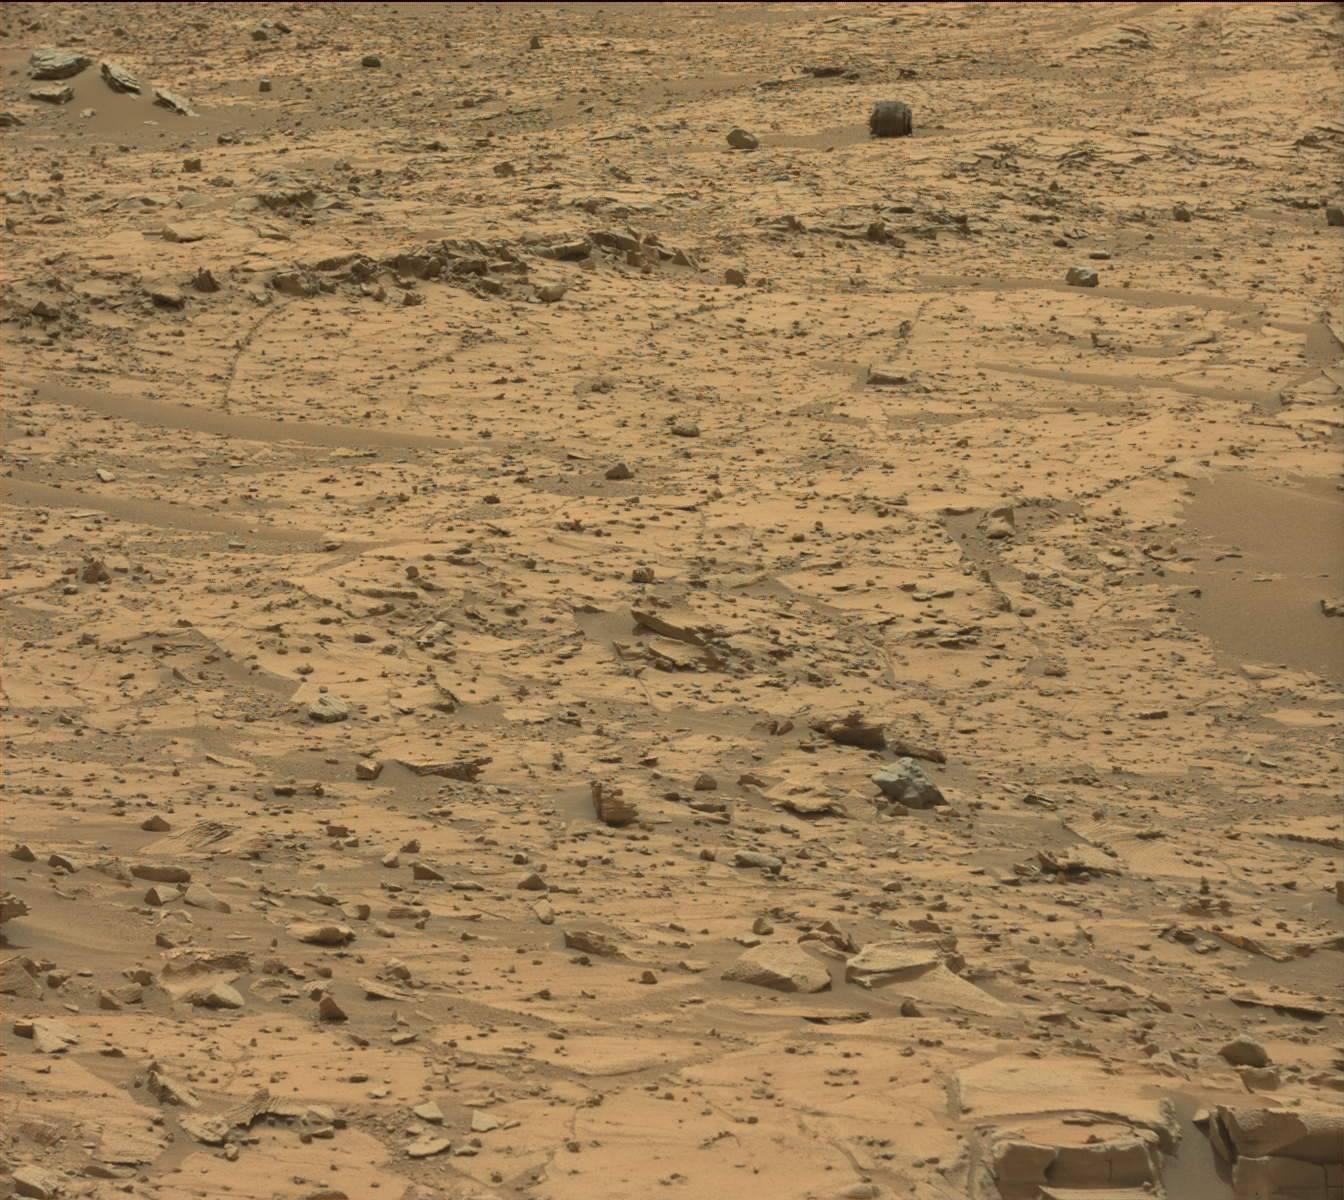 stones of discovery on mars nasa - photo #37